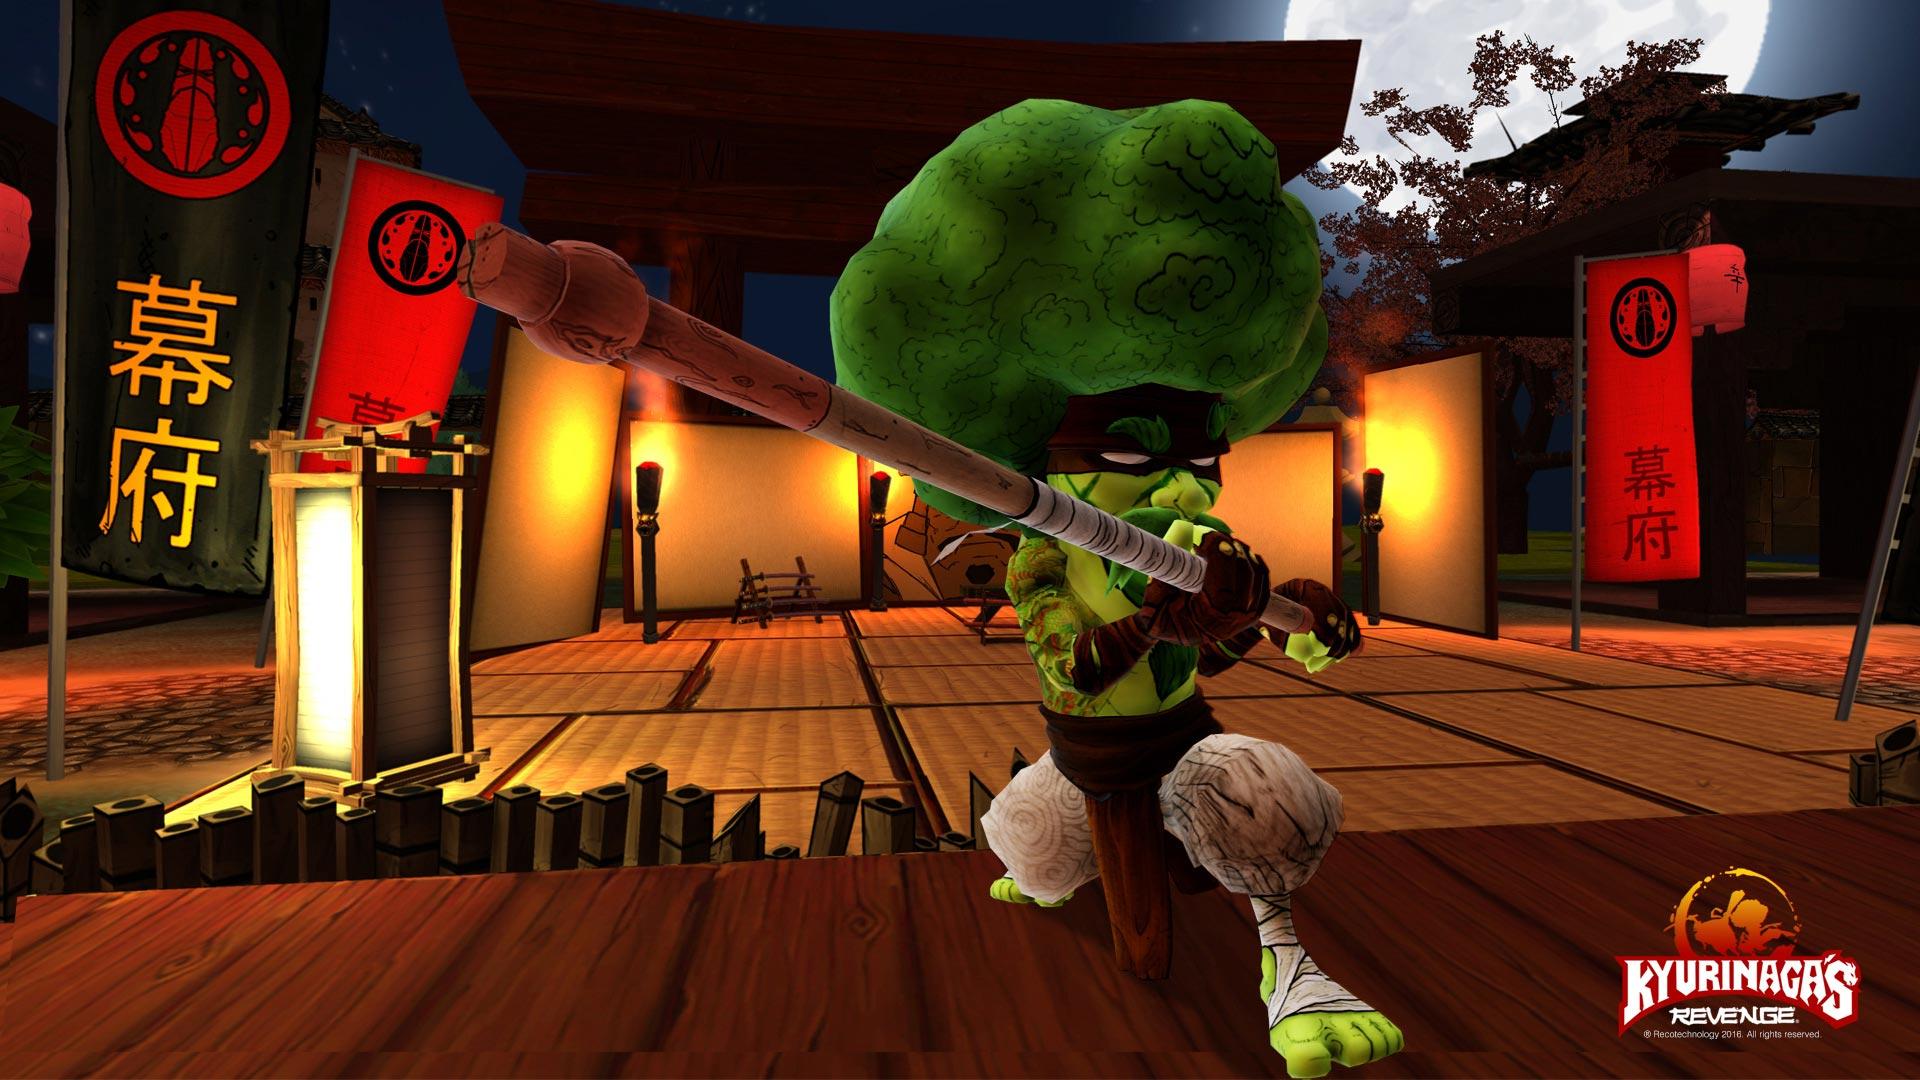 Kyurinaga's Revenge Joe Broccoli